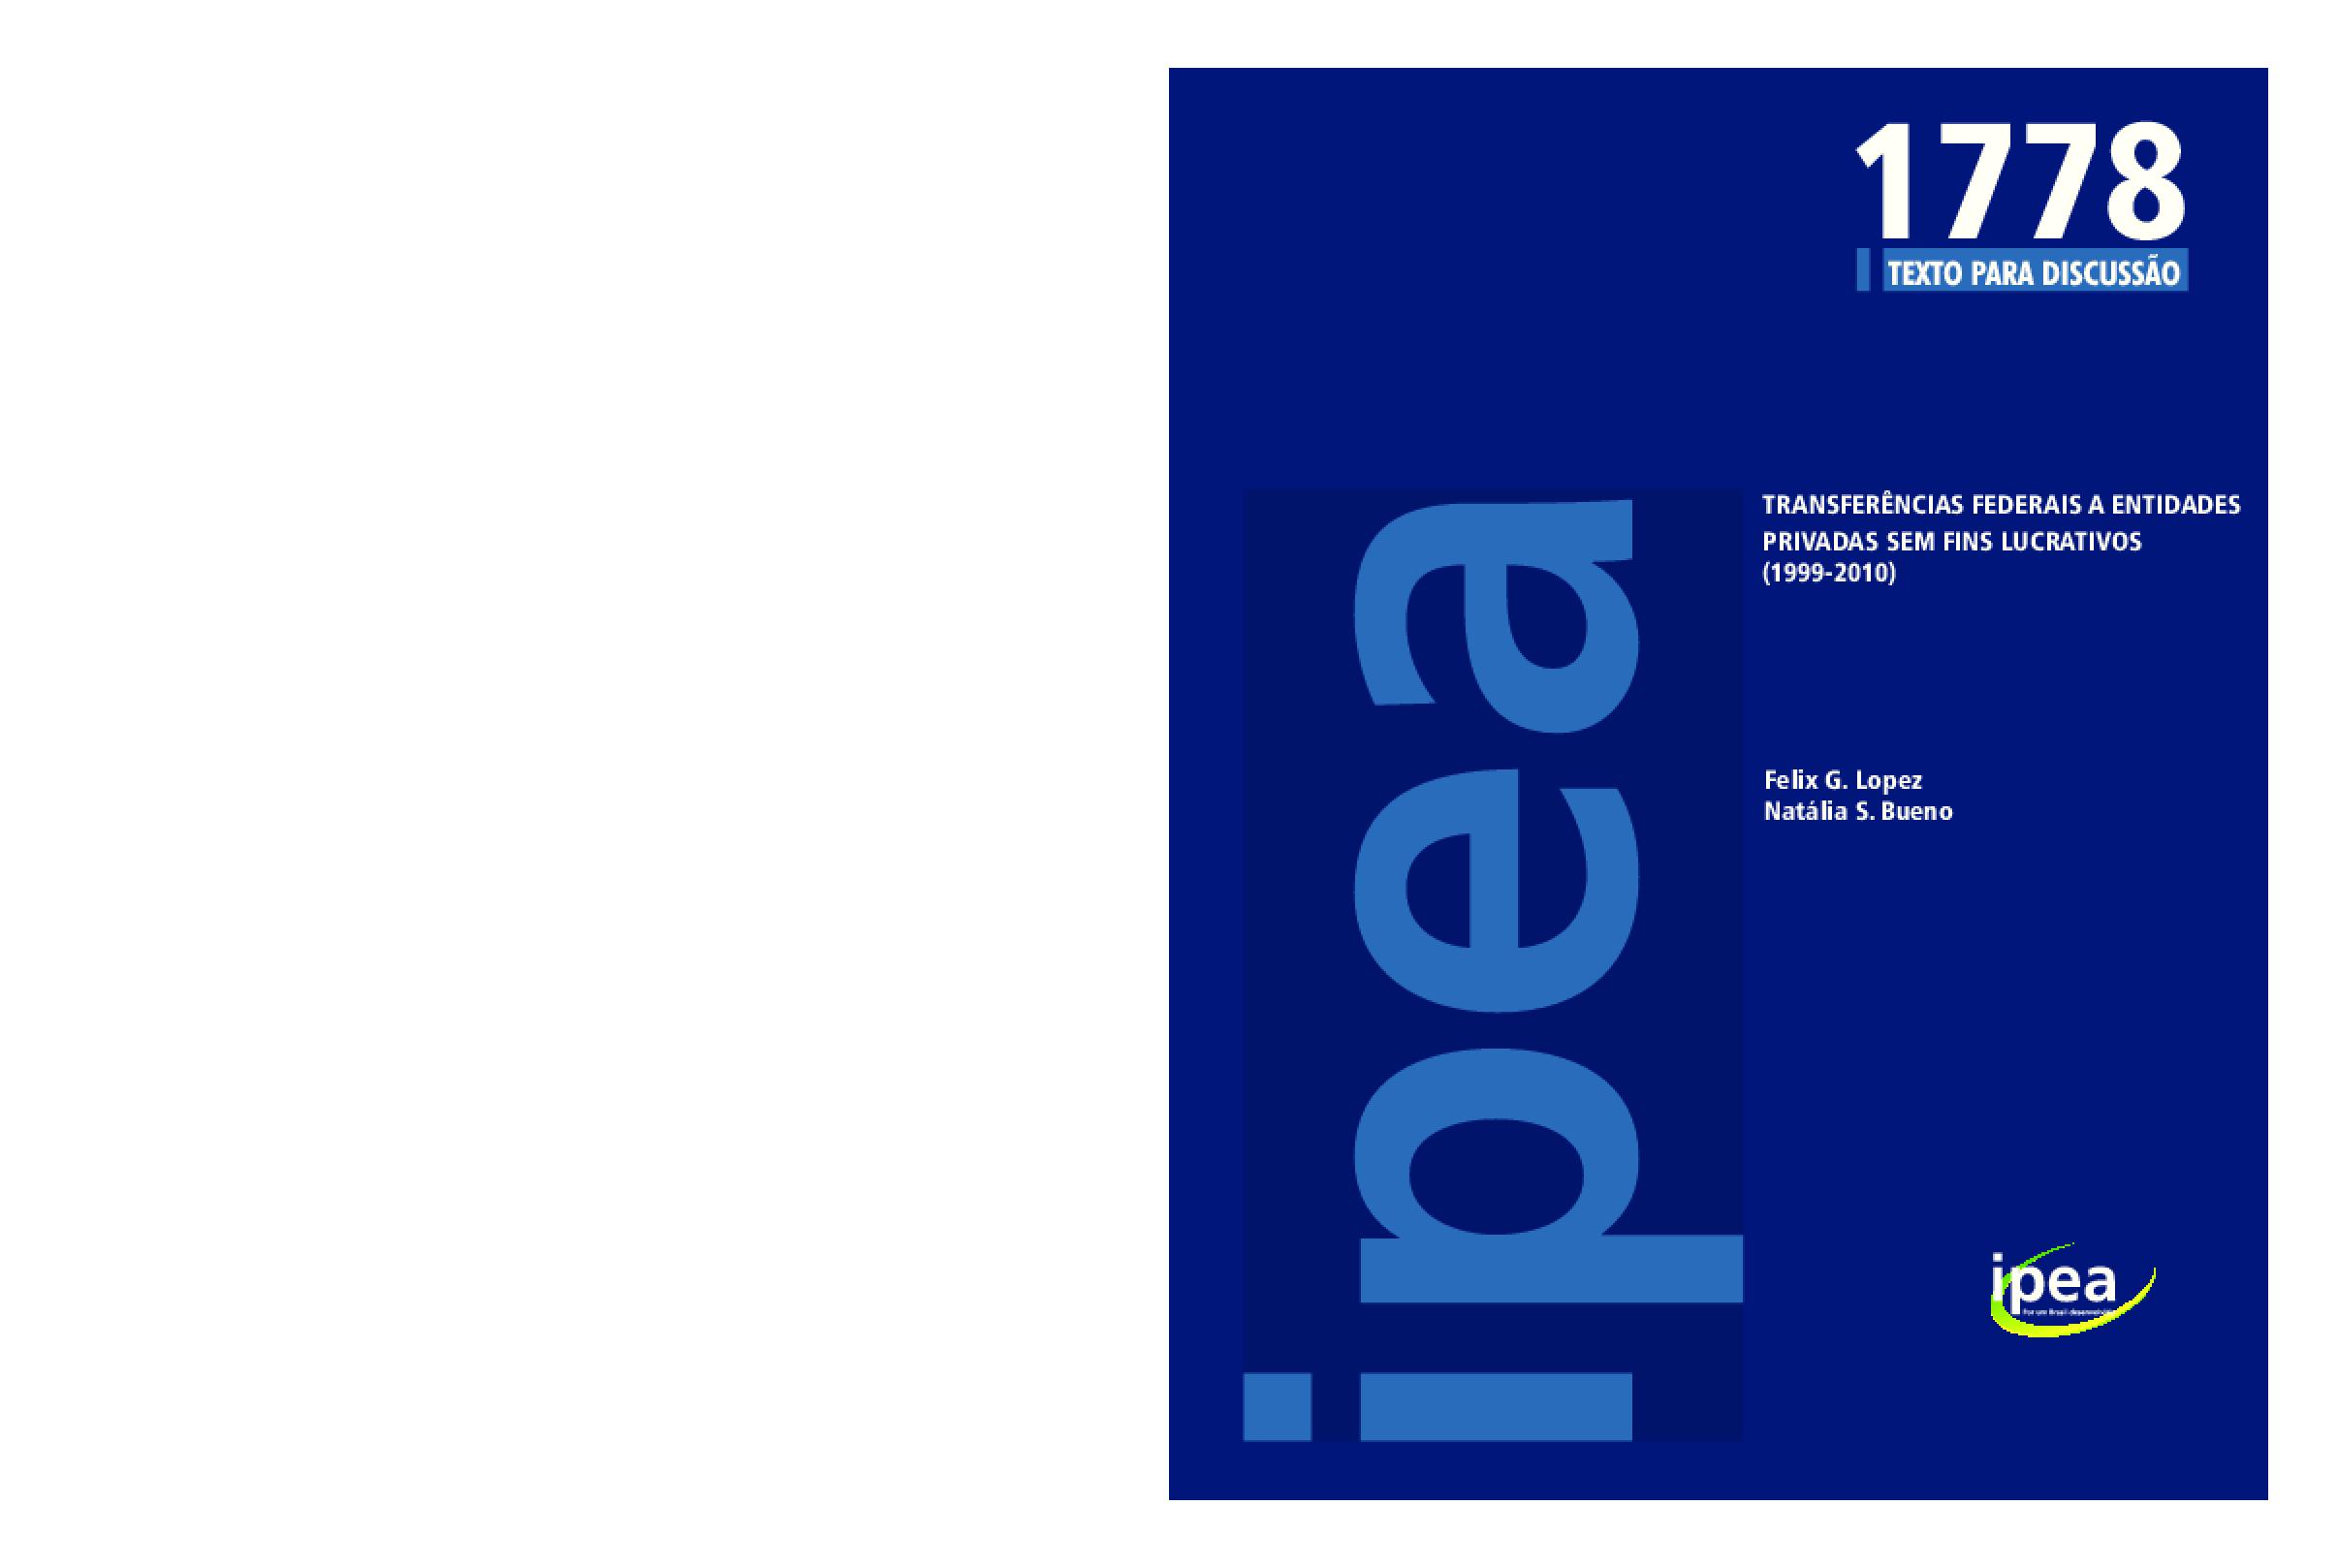 Transferências federais a entidades privadas sem fins lucrativos (1999-2010)